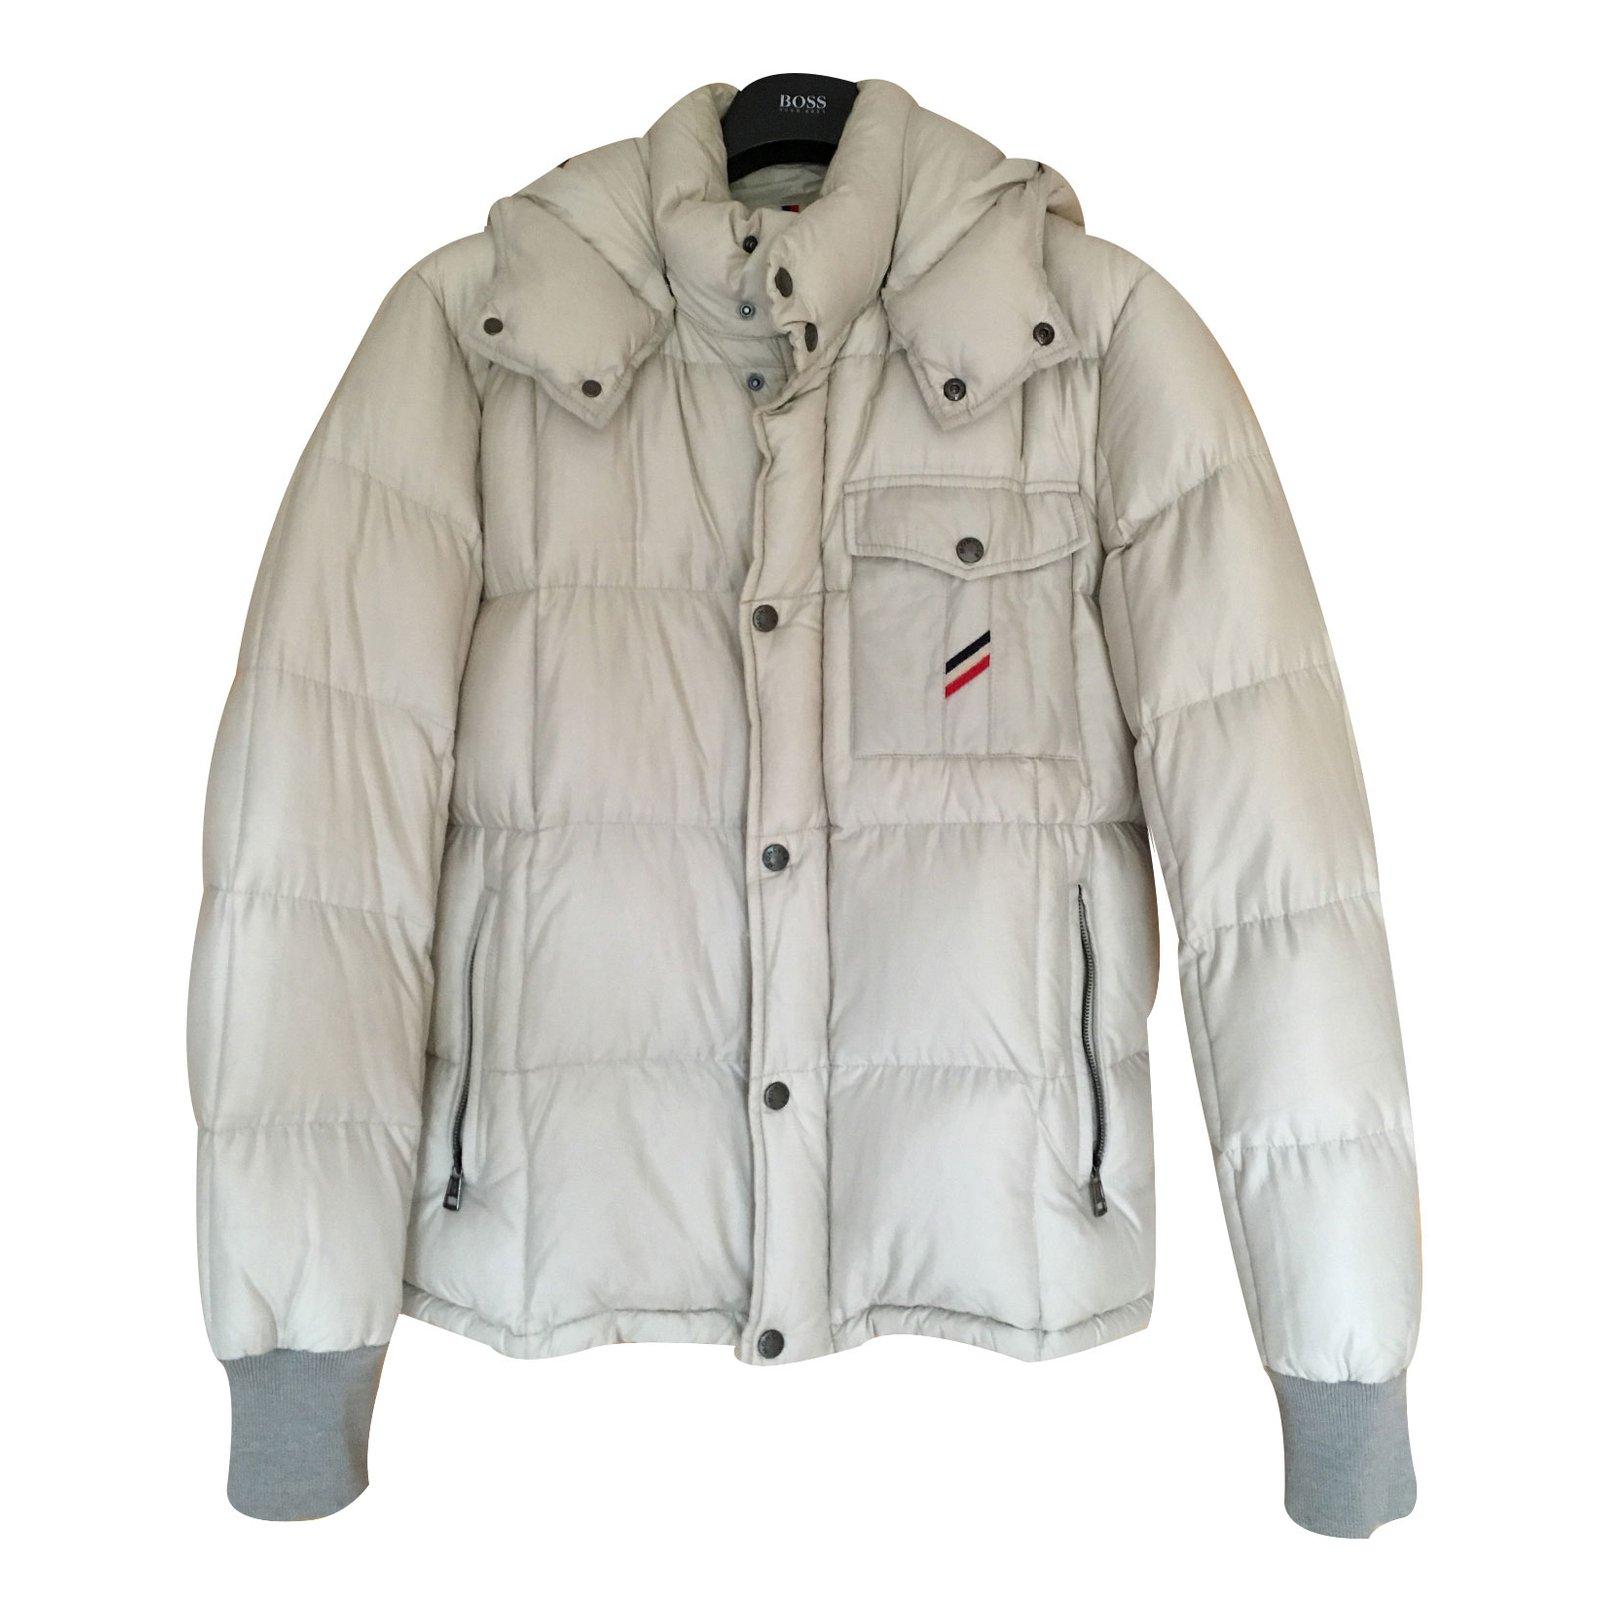 Vestes, blousons Moncler Doudoune Moncler beige clair taille L Coton Beige  ref.12857 97f1d9996c9